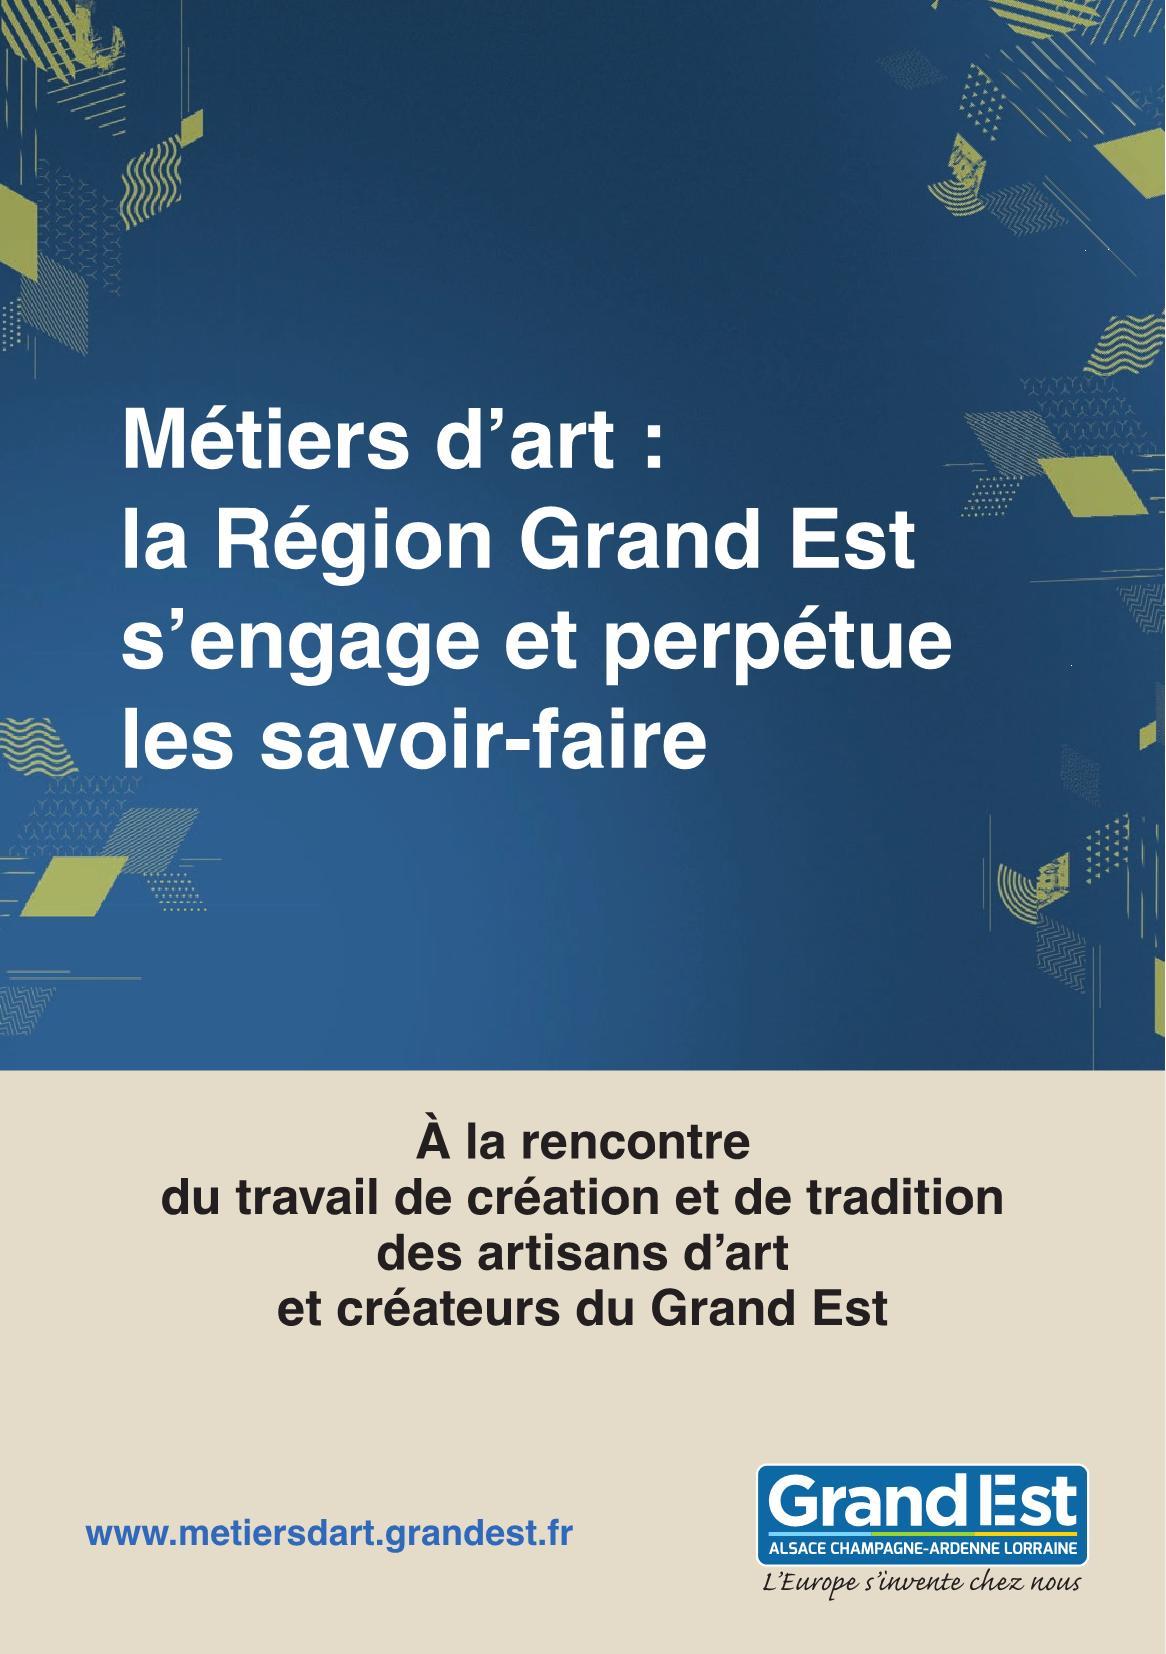 Journées Européennes des Métiers d'Art 2019 Région Grand Est